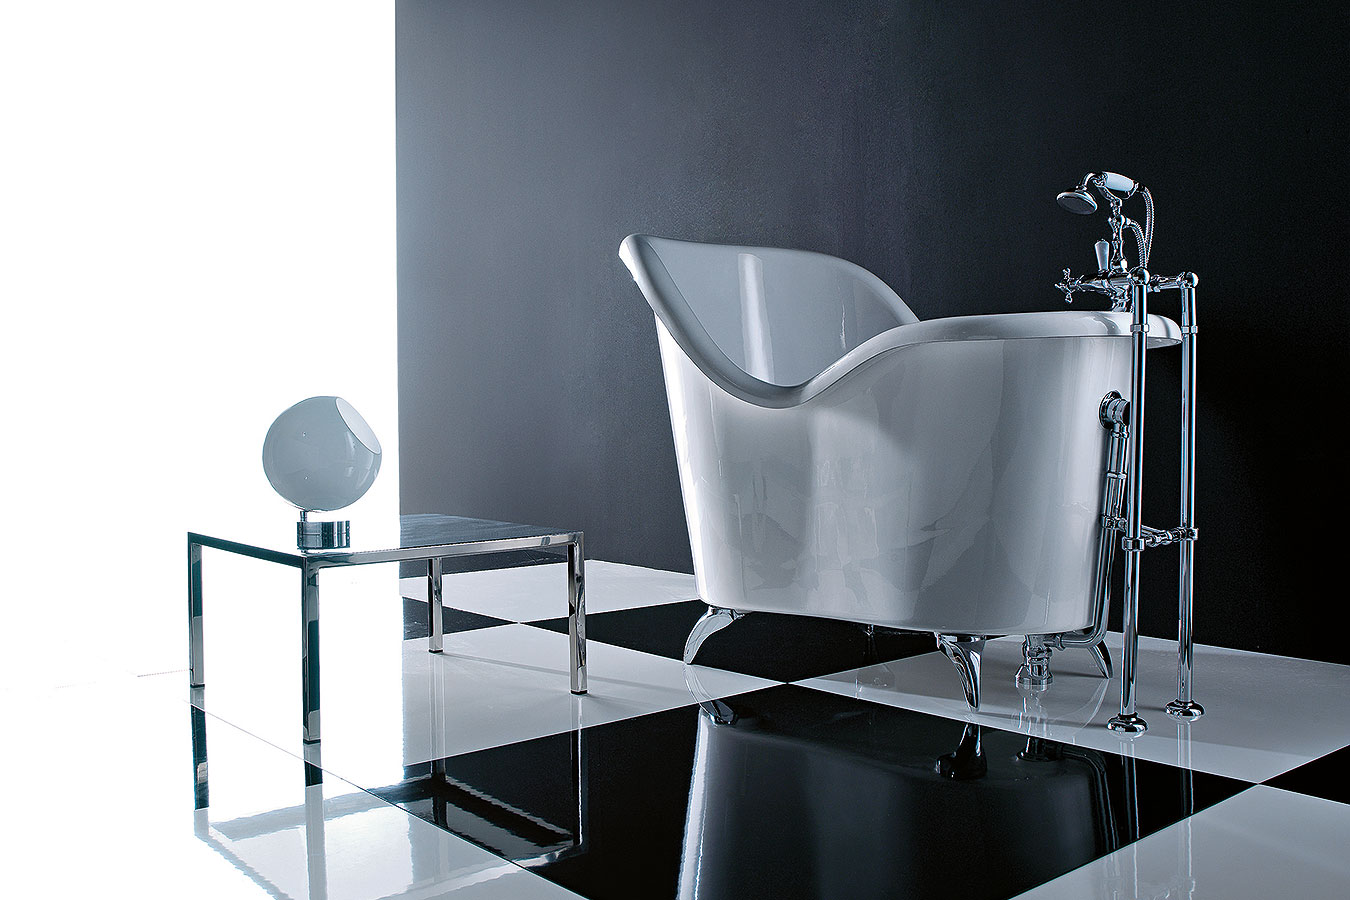 Vasca Da Bagno Con Piedi Prezzi : Treesse vasche vasche da bagno edilceramiche di maccanò